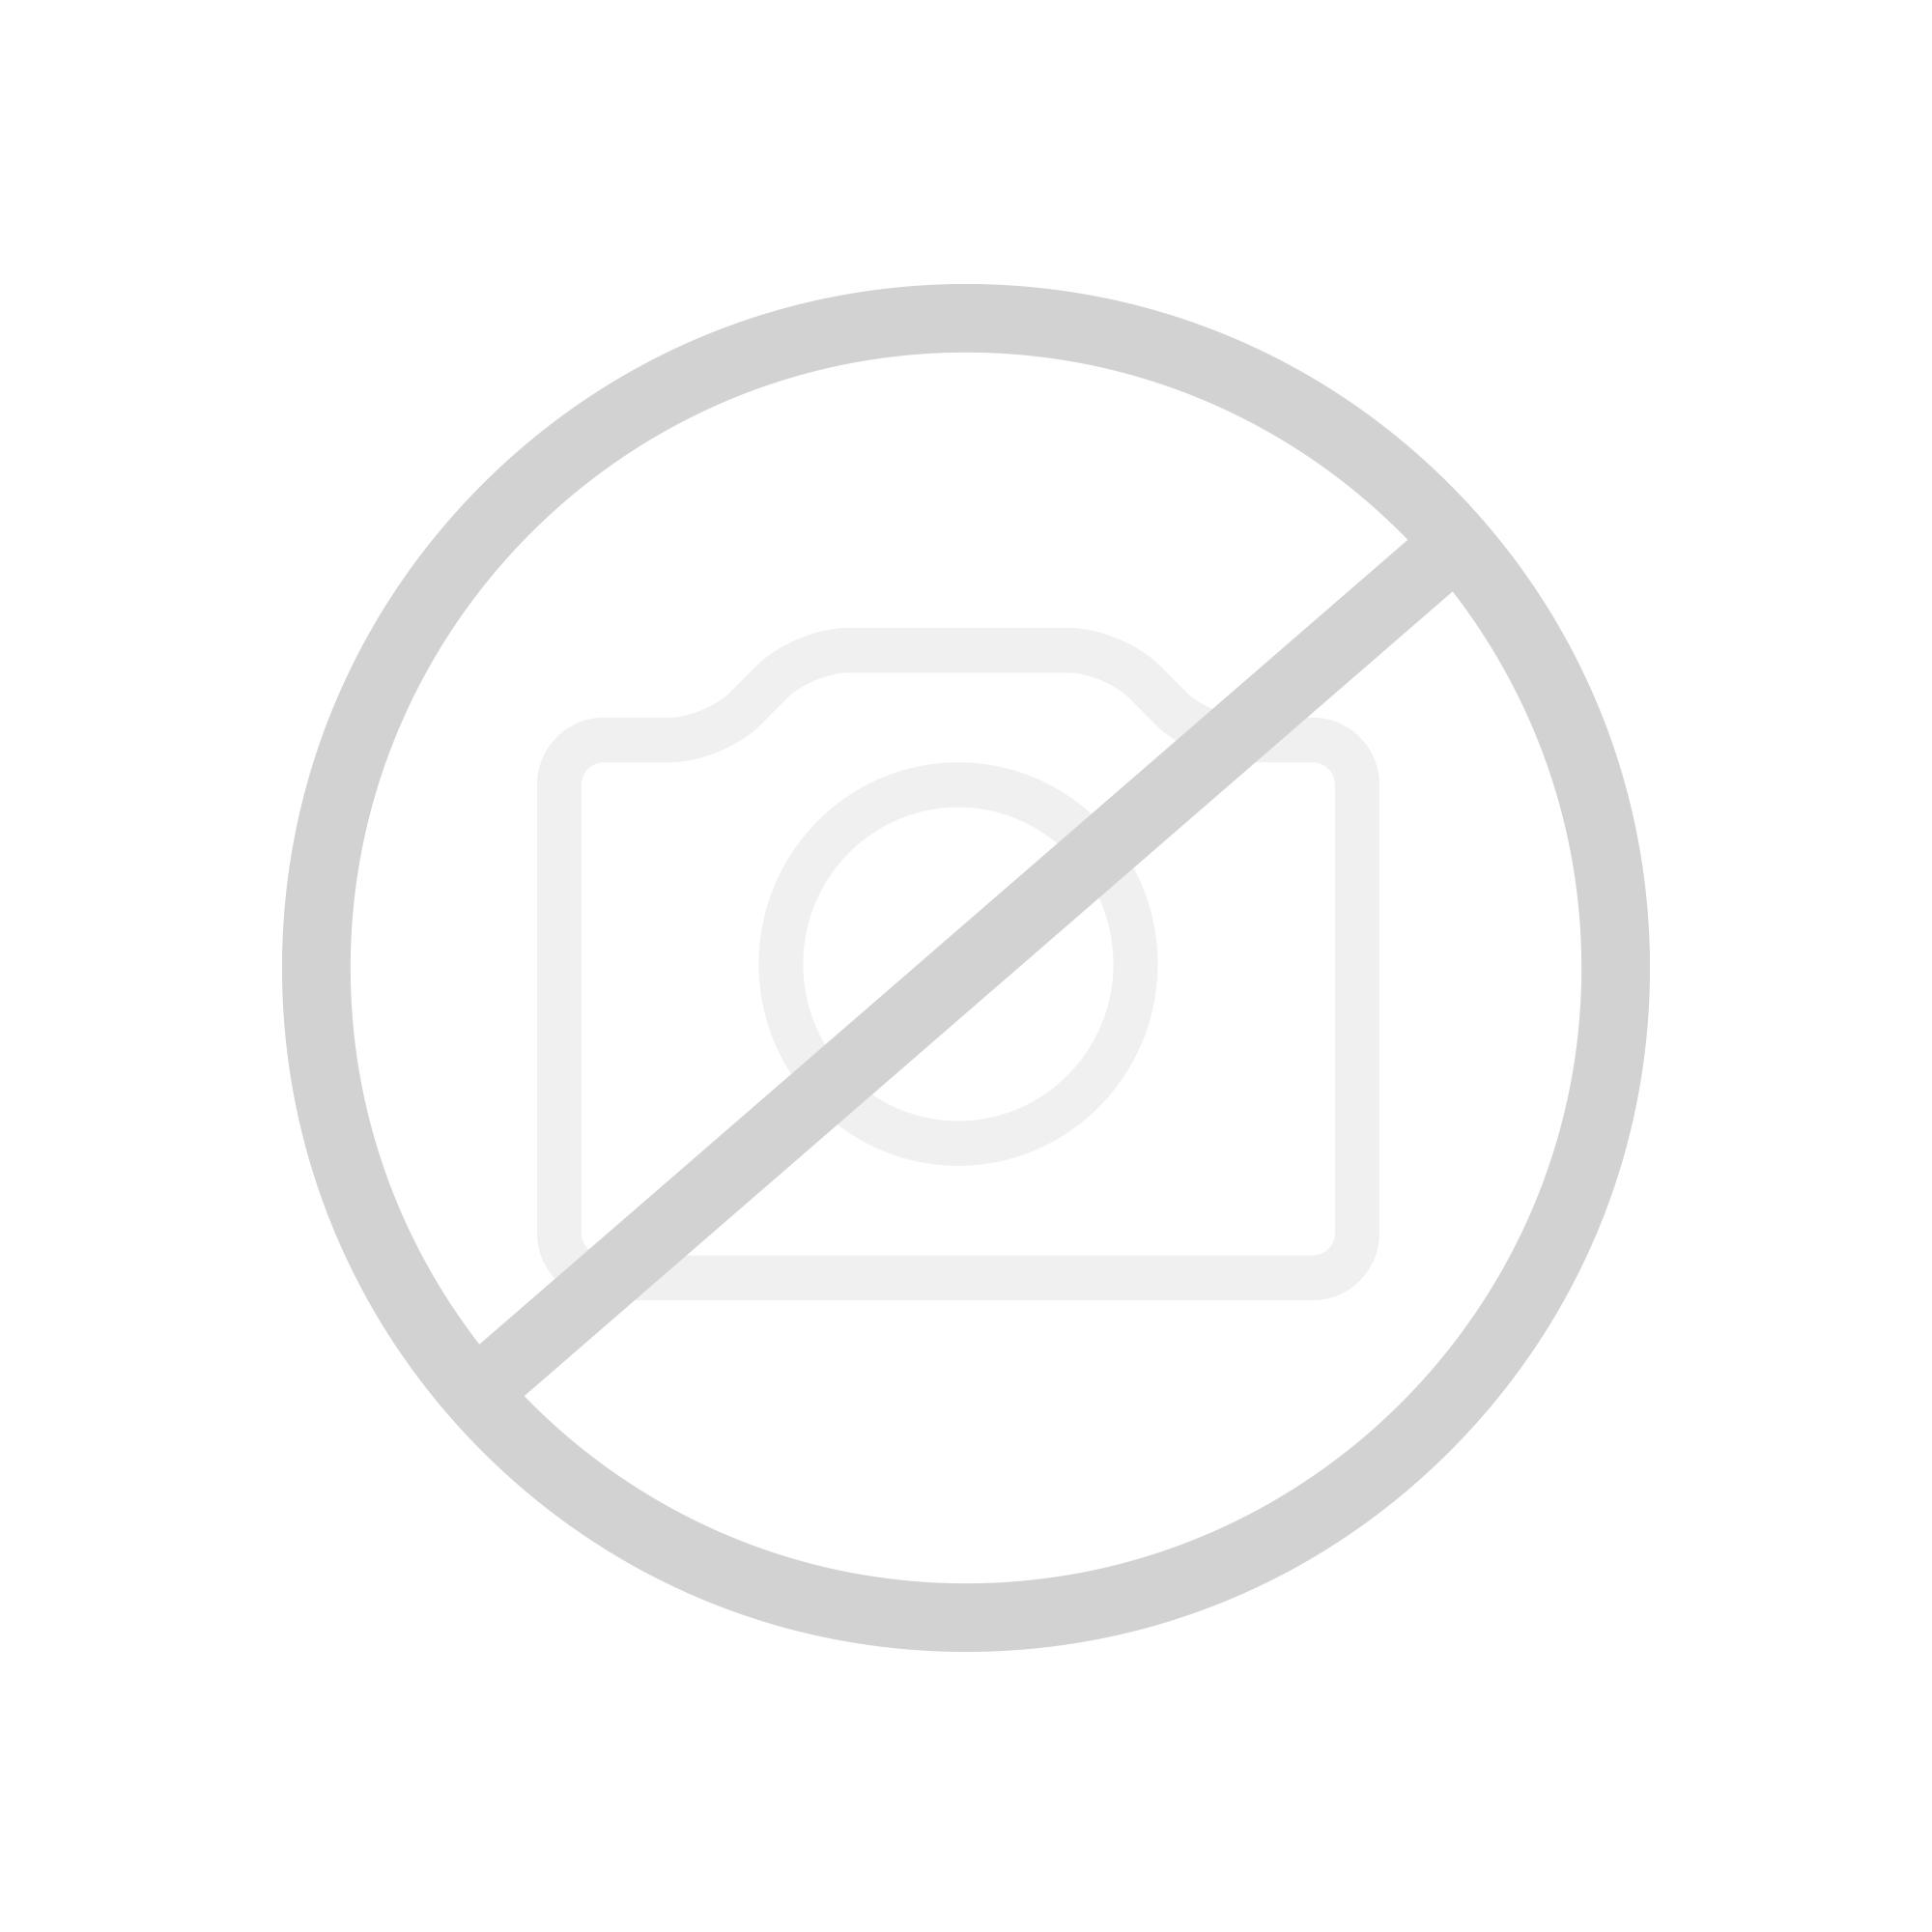 Herzbach NeoCastell Waschtisch-Einlochbatterie, Ausladung 200 mm